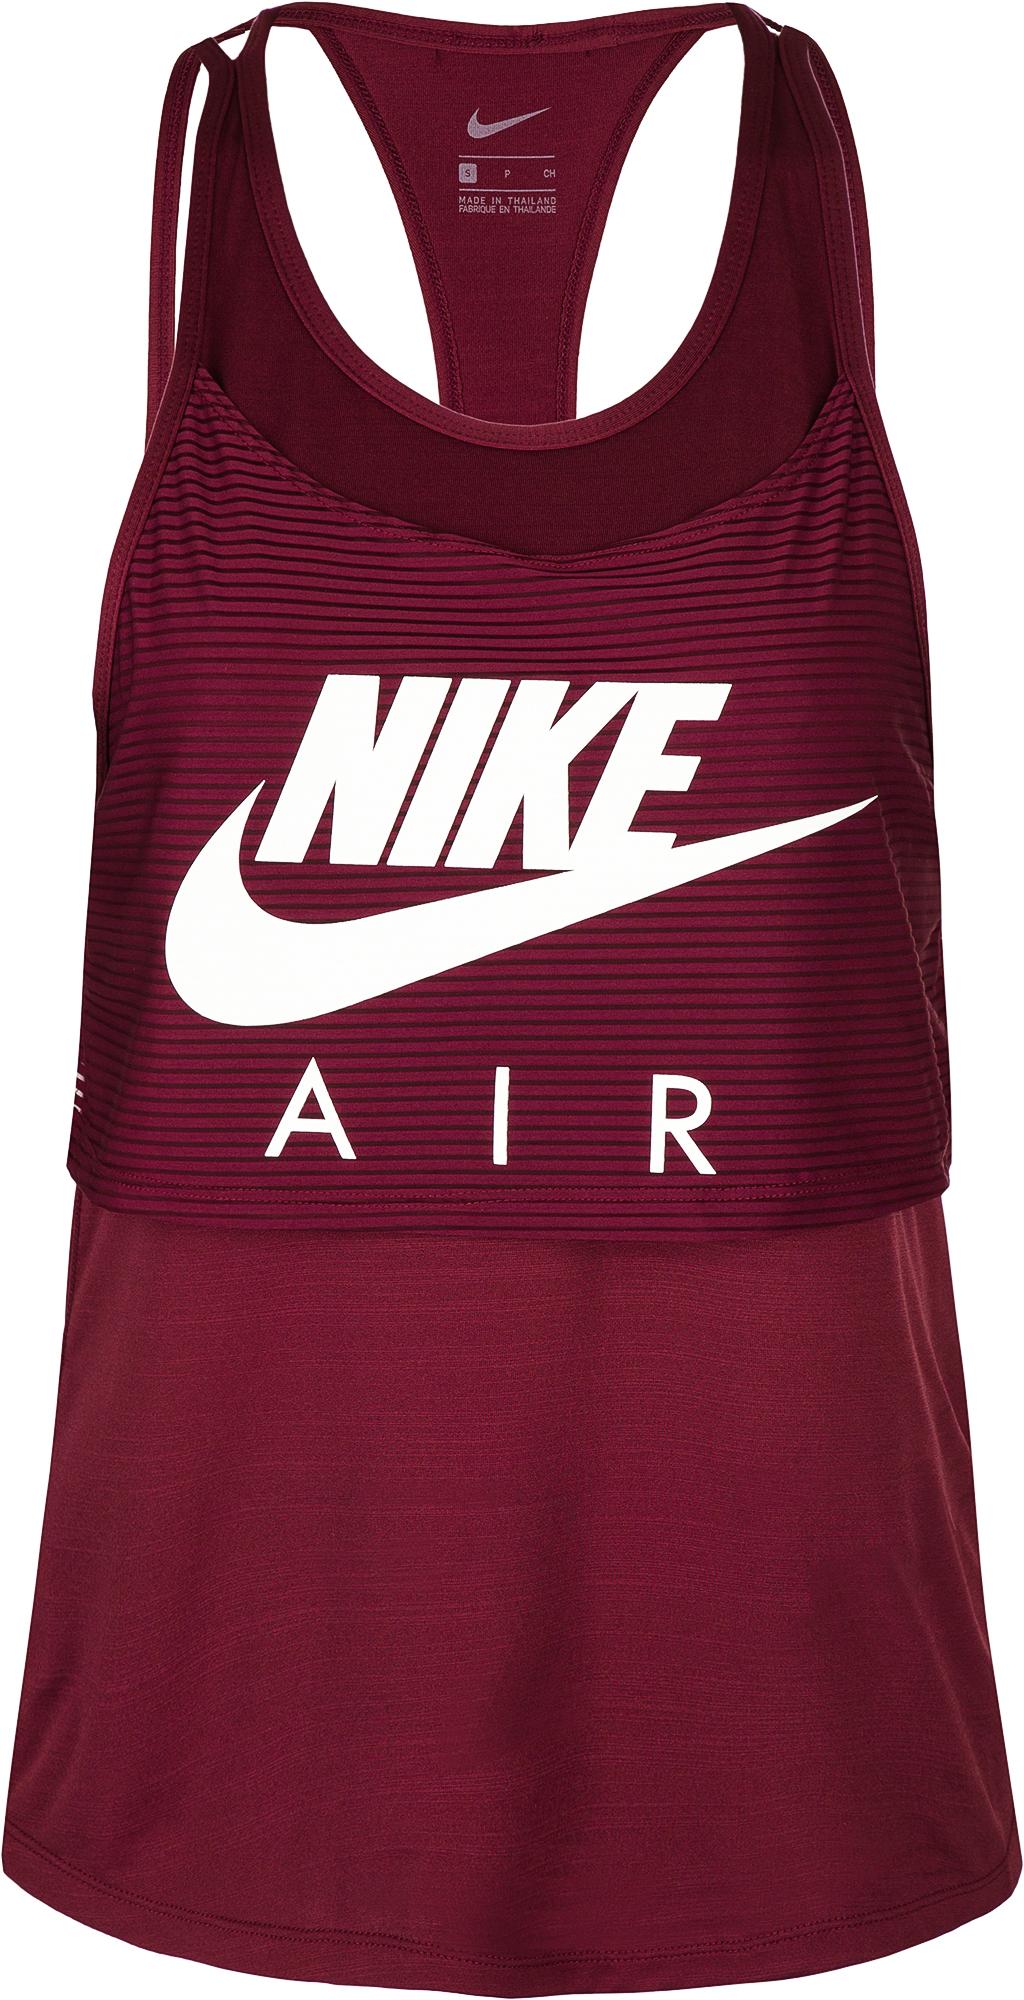 Nike Майка женская Nike Air, размер 46-48 nike майка женская nike court slam